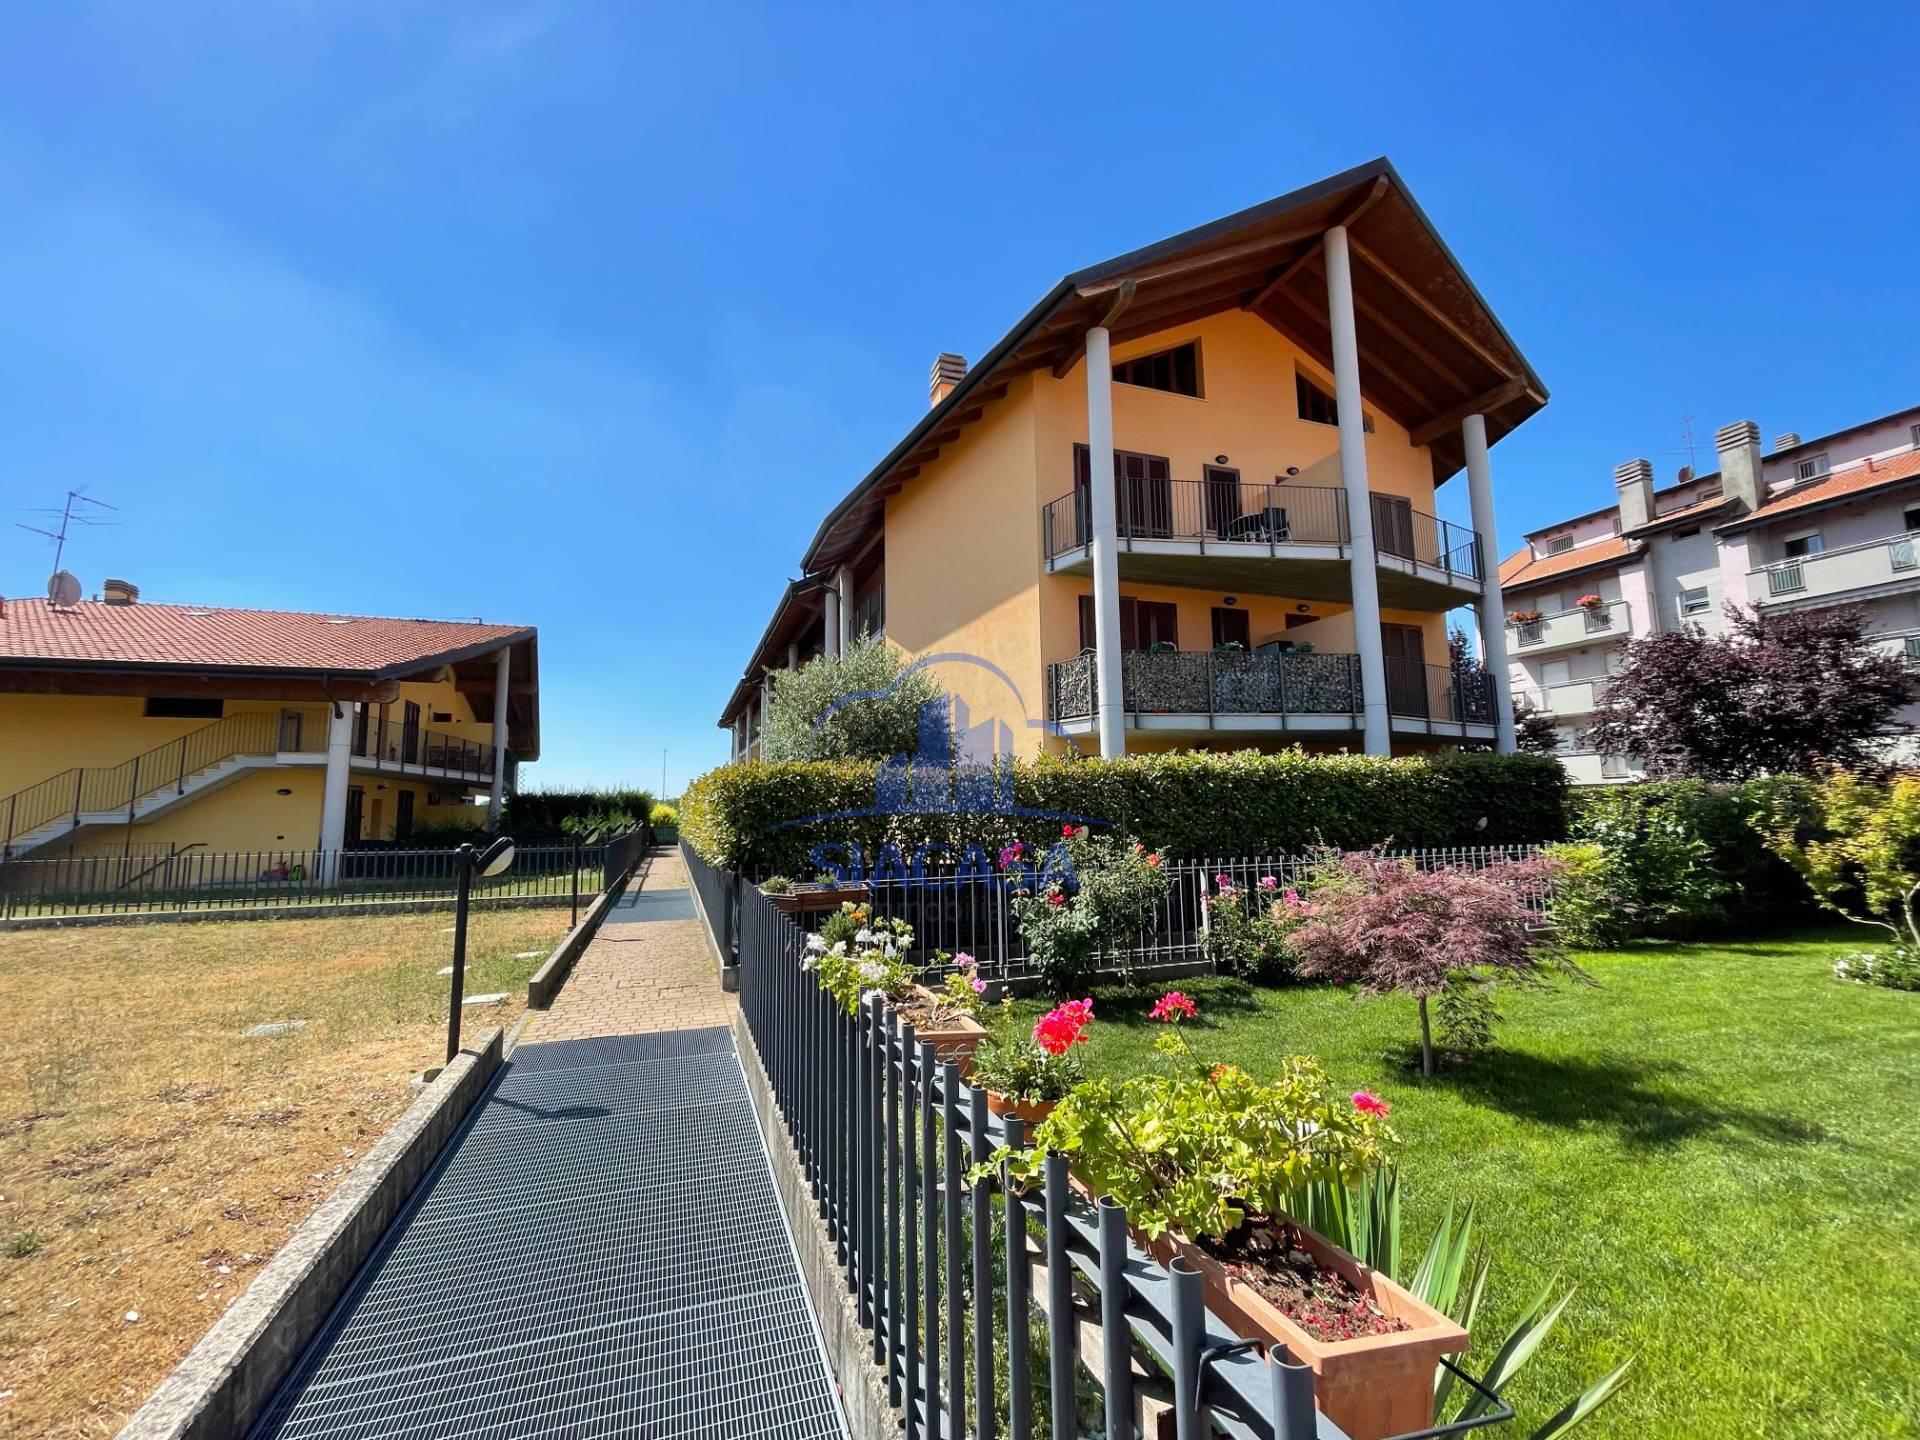 Appartamento in vendita a Cornate d'Adda, 2 locali, prezzo € 139.000 | PortaleAgenzieImmobiliari.it